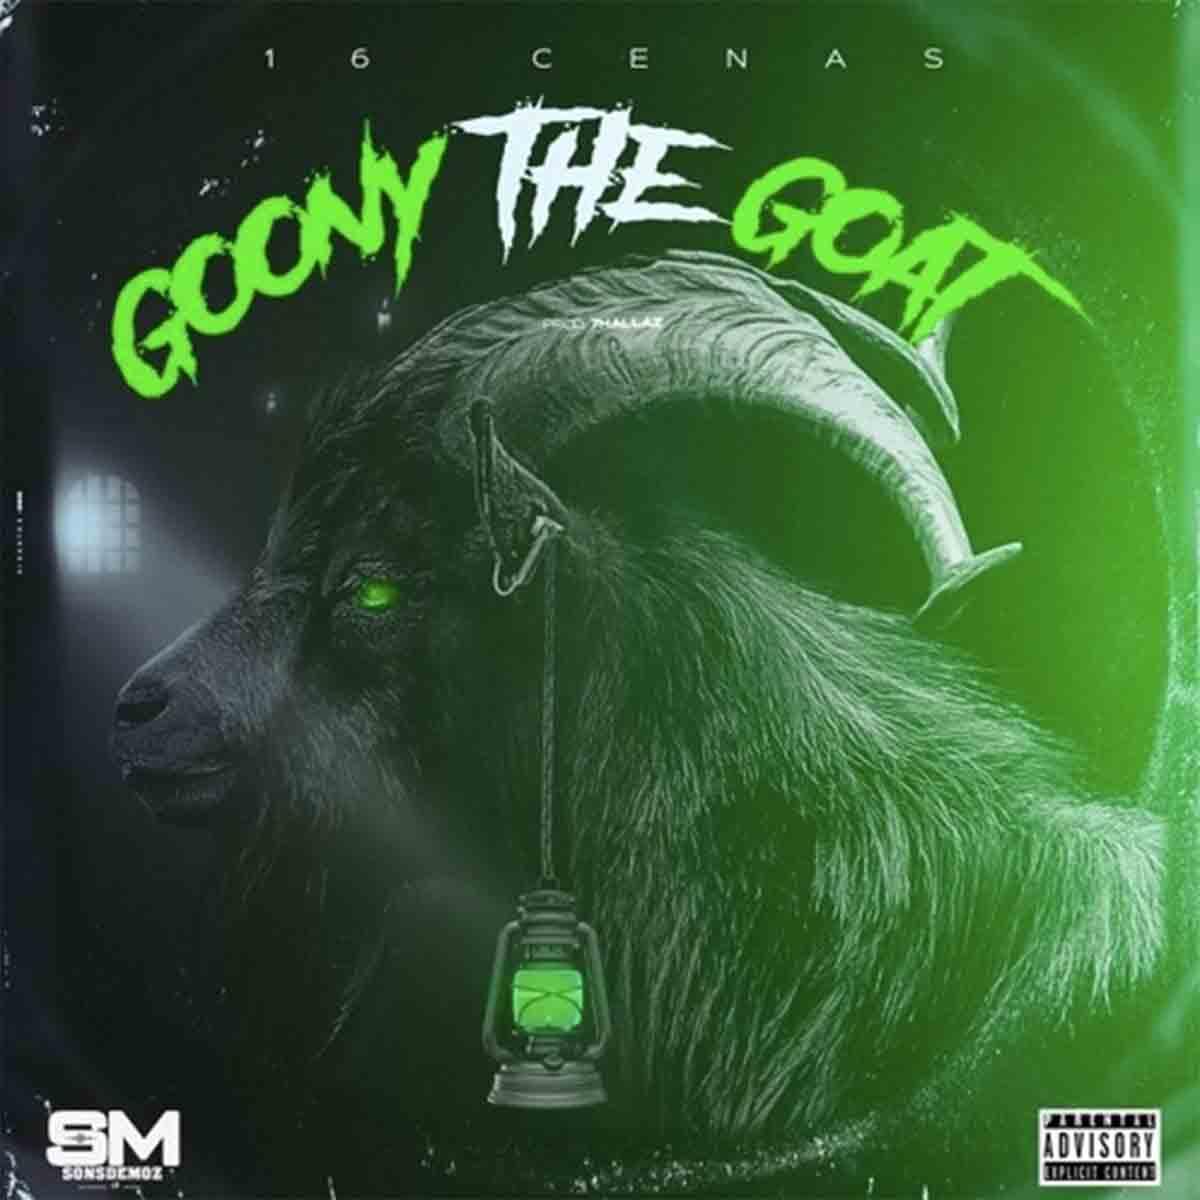 16 Cenas - Goony The Goat